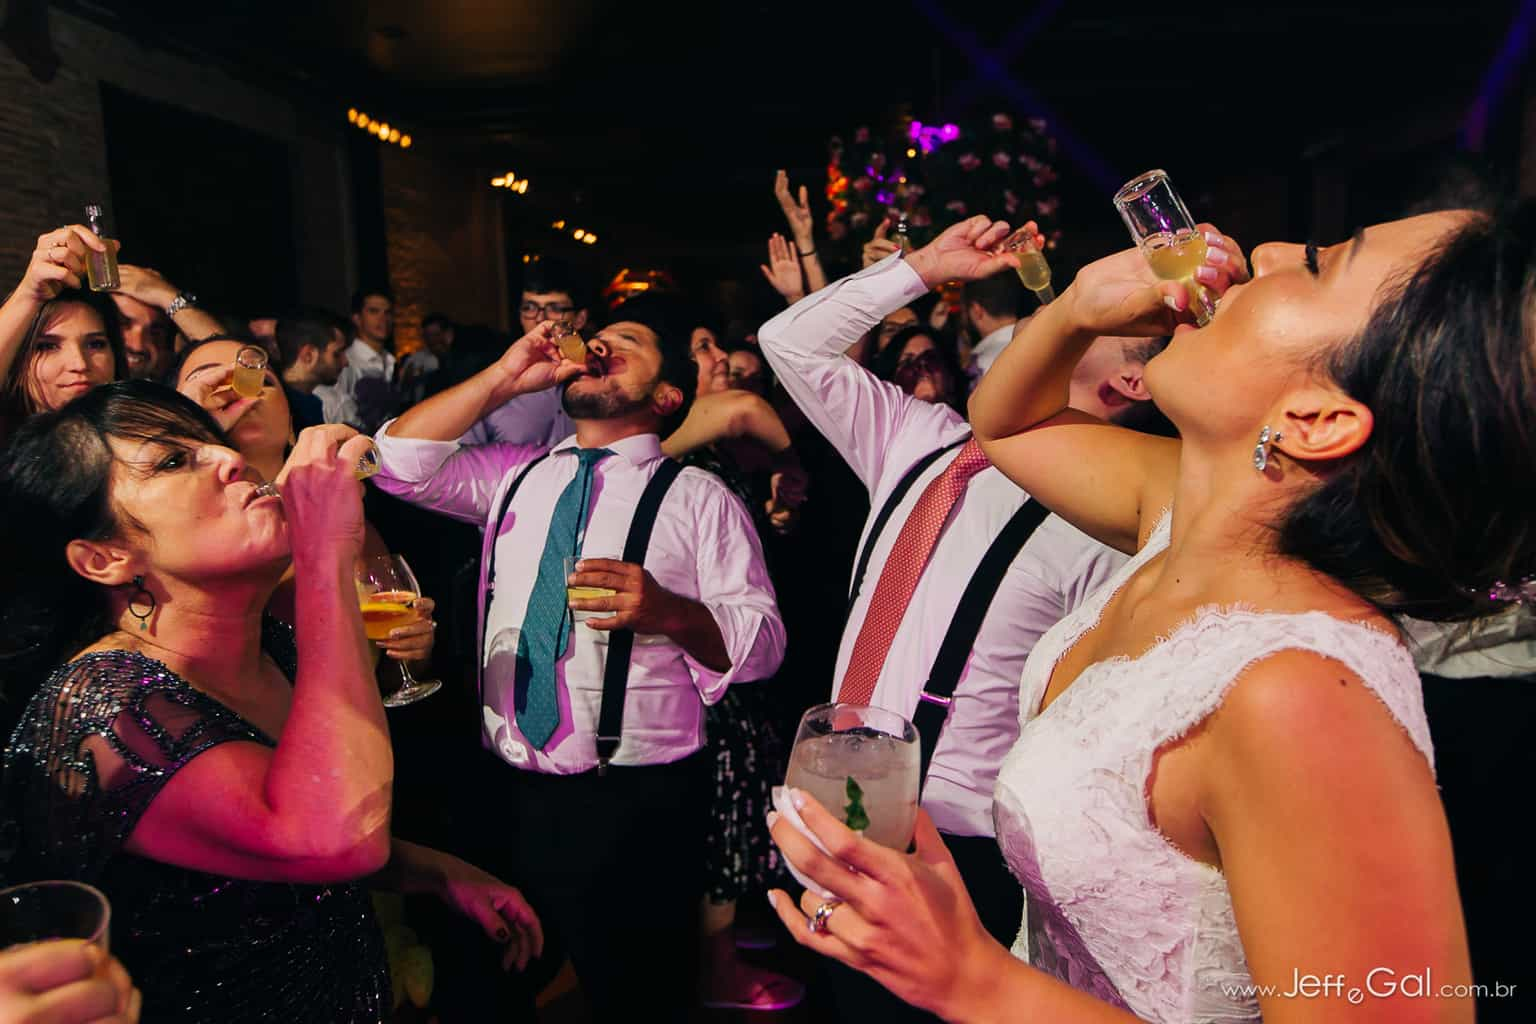 casamento-Beth-e-Daniel-festa-de-casamento73